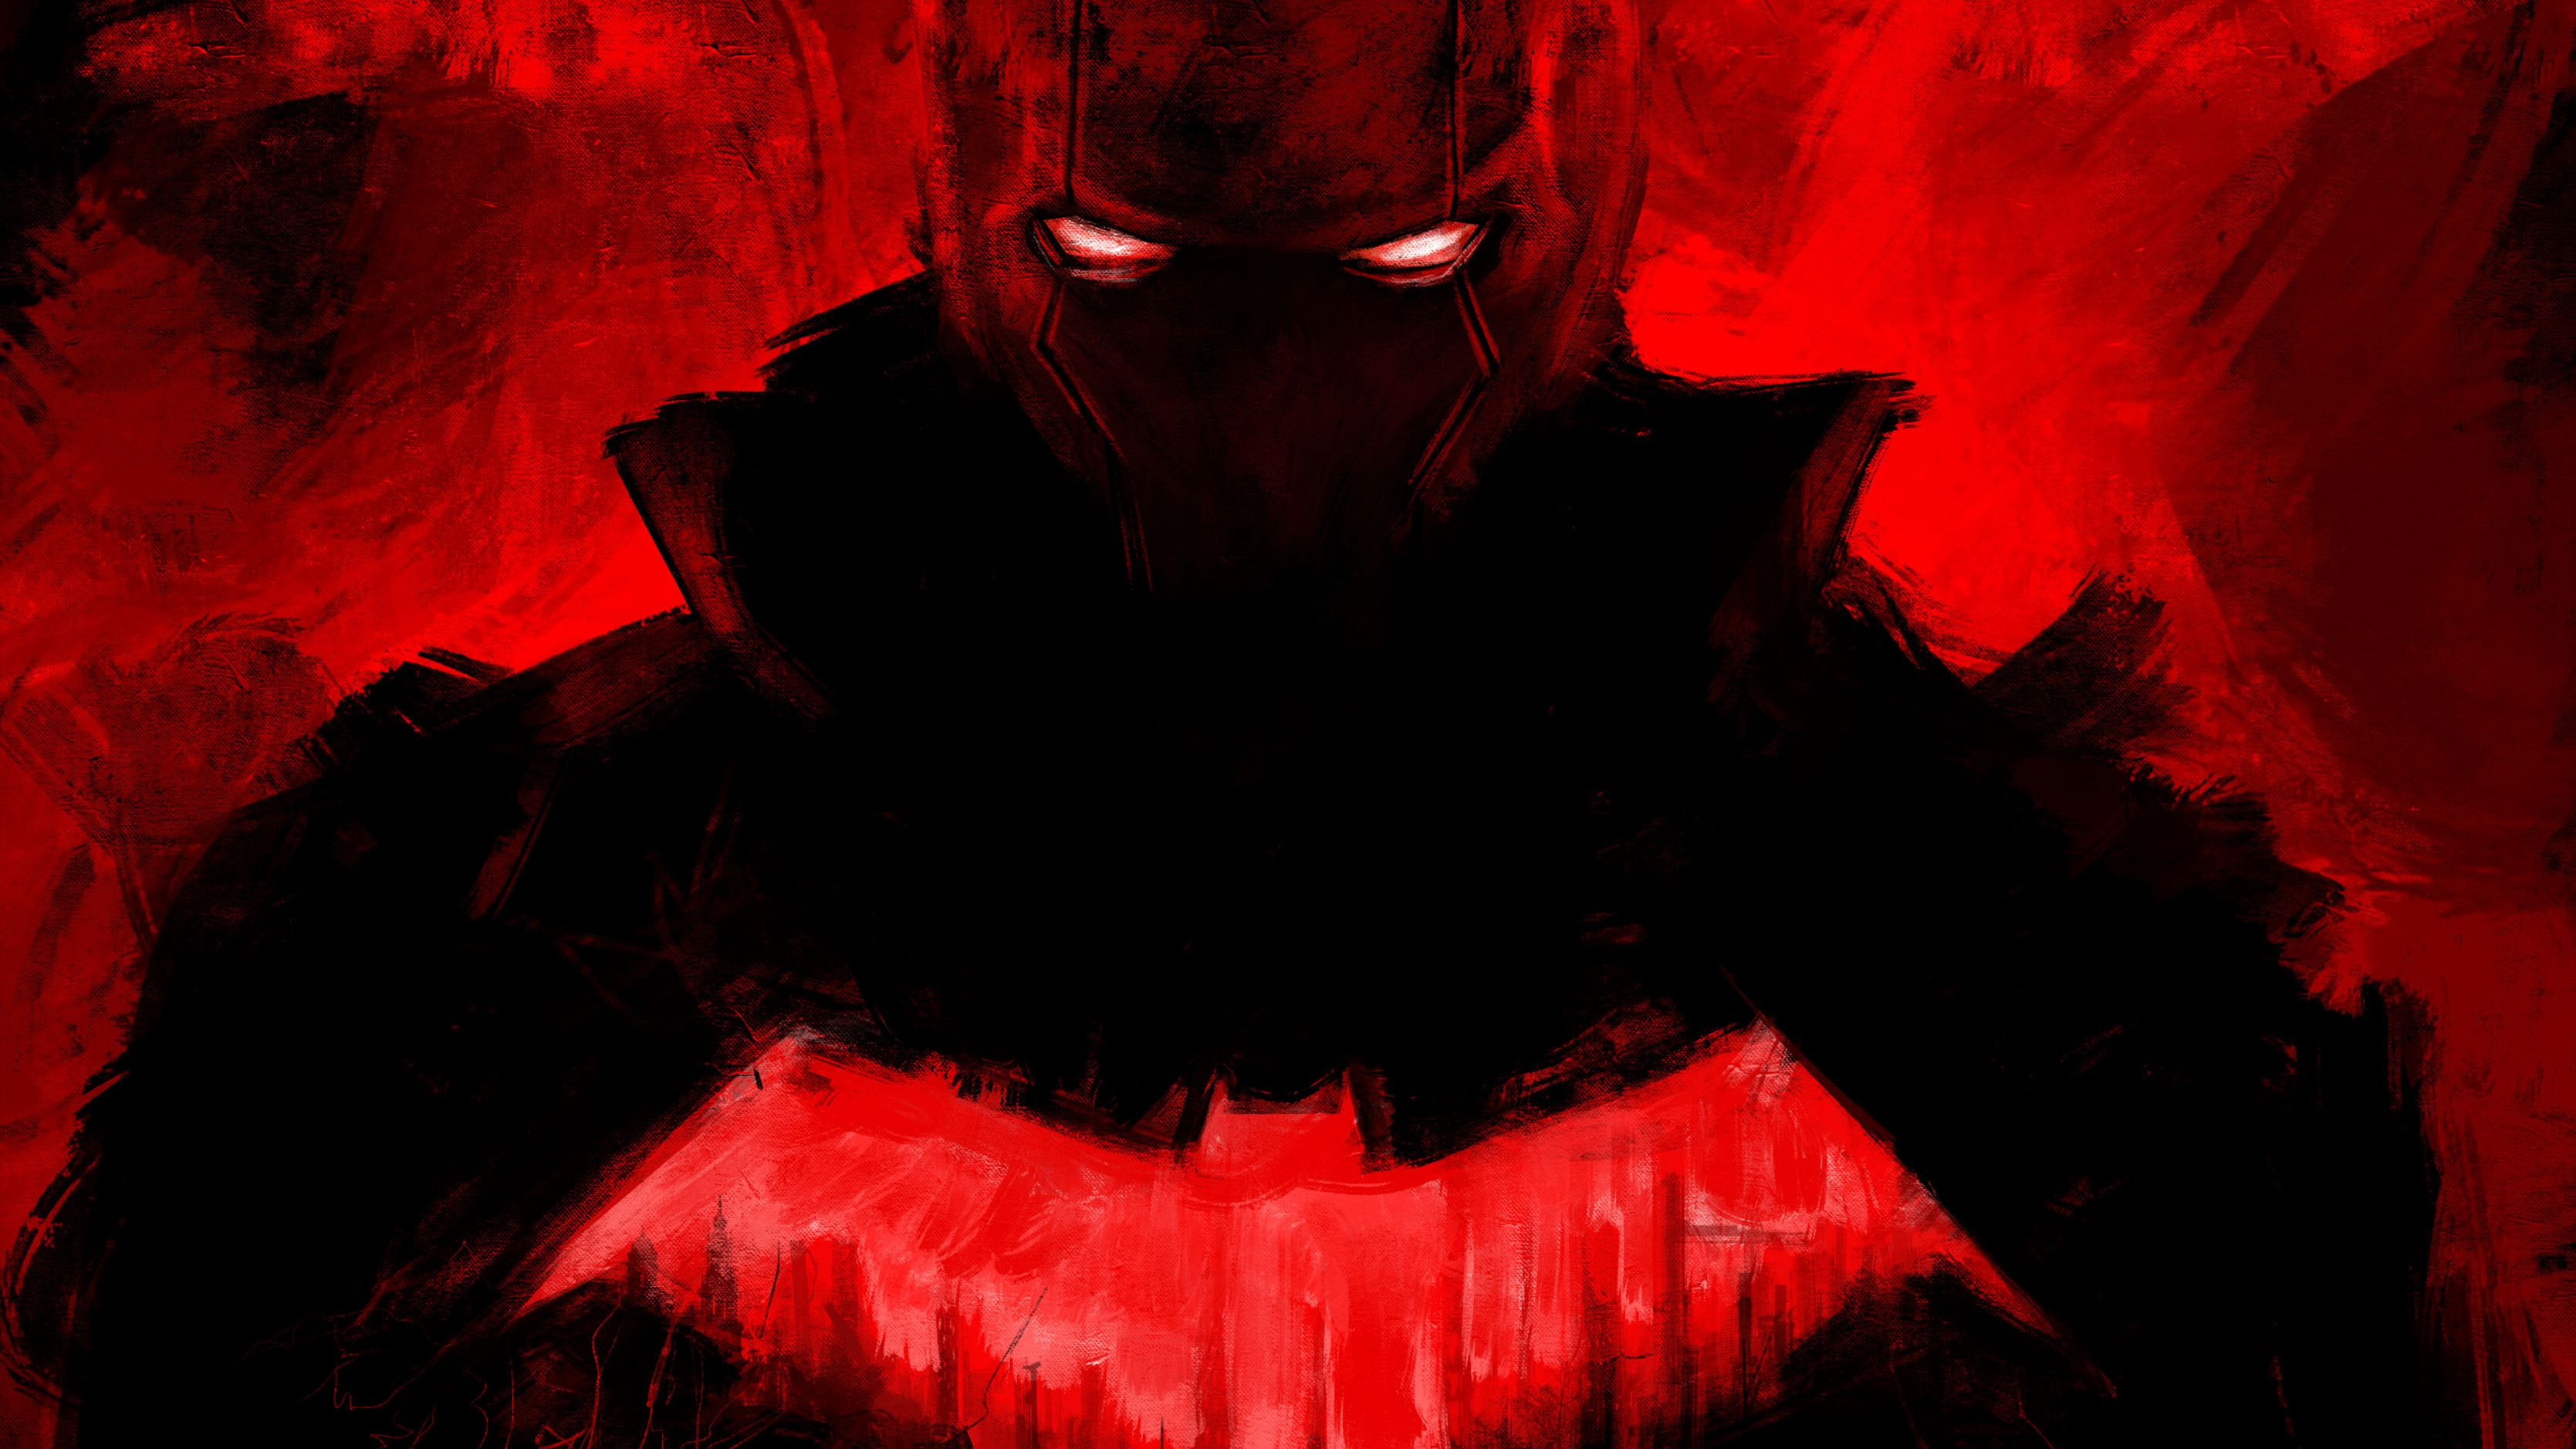 Red Hood Paint Art 4k Superheroes Wallpapers Red Hood Wallpapers Hd Wallpapers Digital Art Wallpapers Artw Hood Wallpapers Red Hood Wallpaper Art Wallpaper